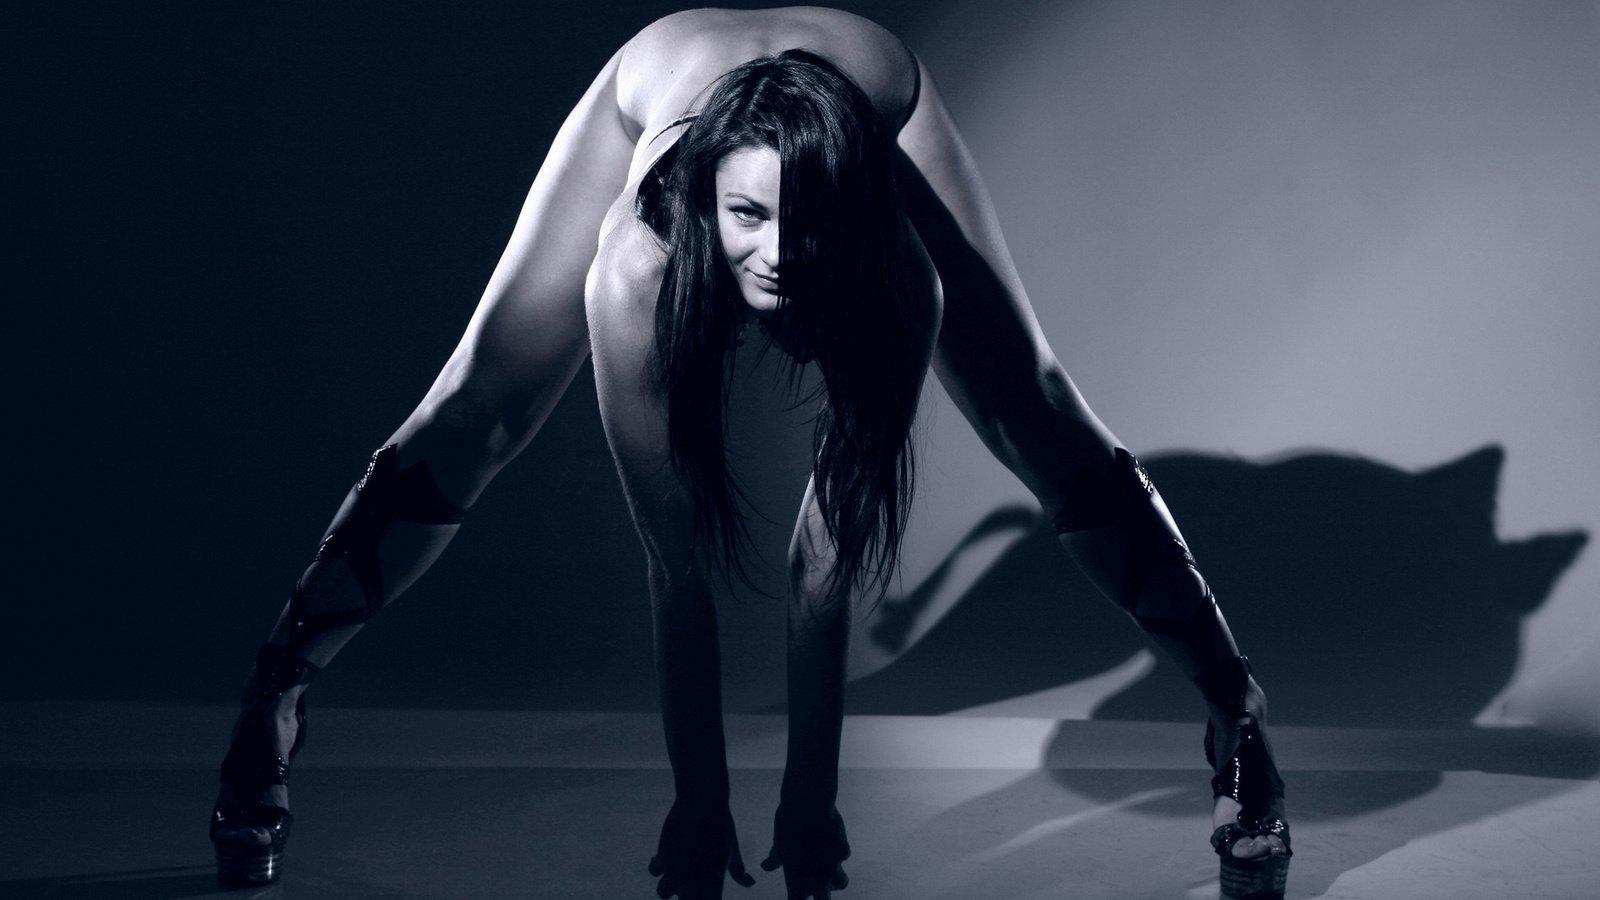 pozi-v-eroticheskoy-fotografii